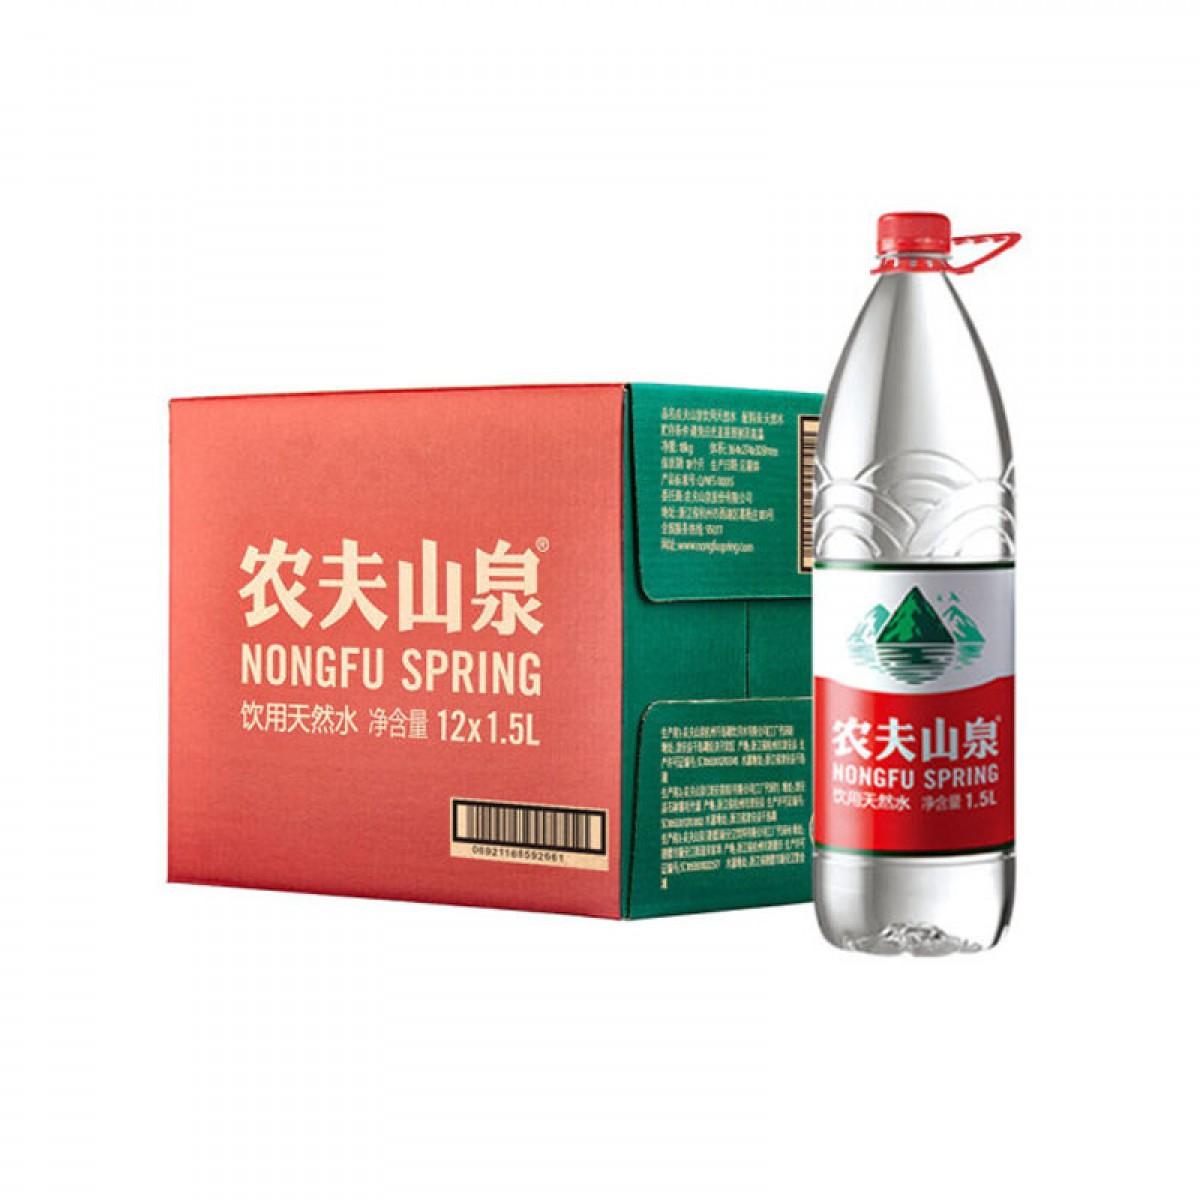 农夫山泉 饮用天然水 1.5LX12瓶 整箱装